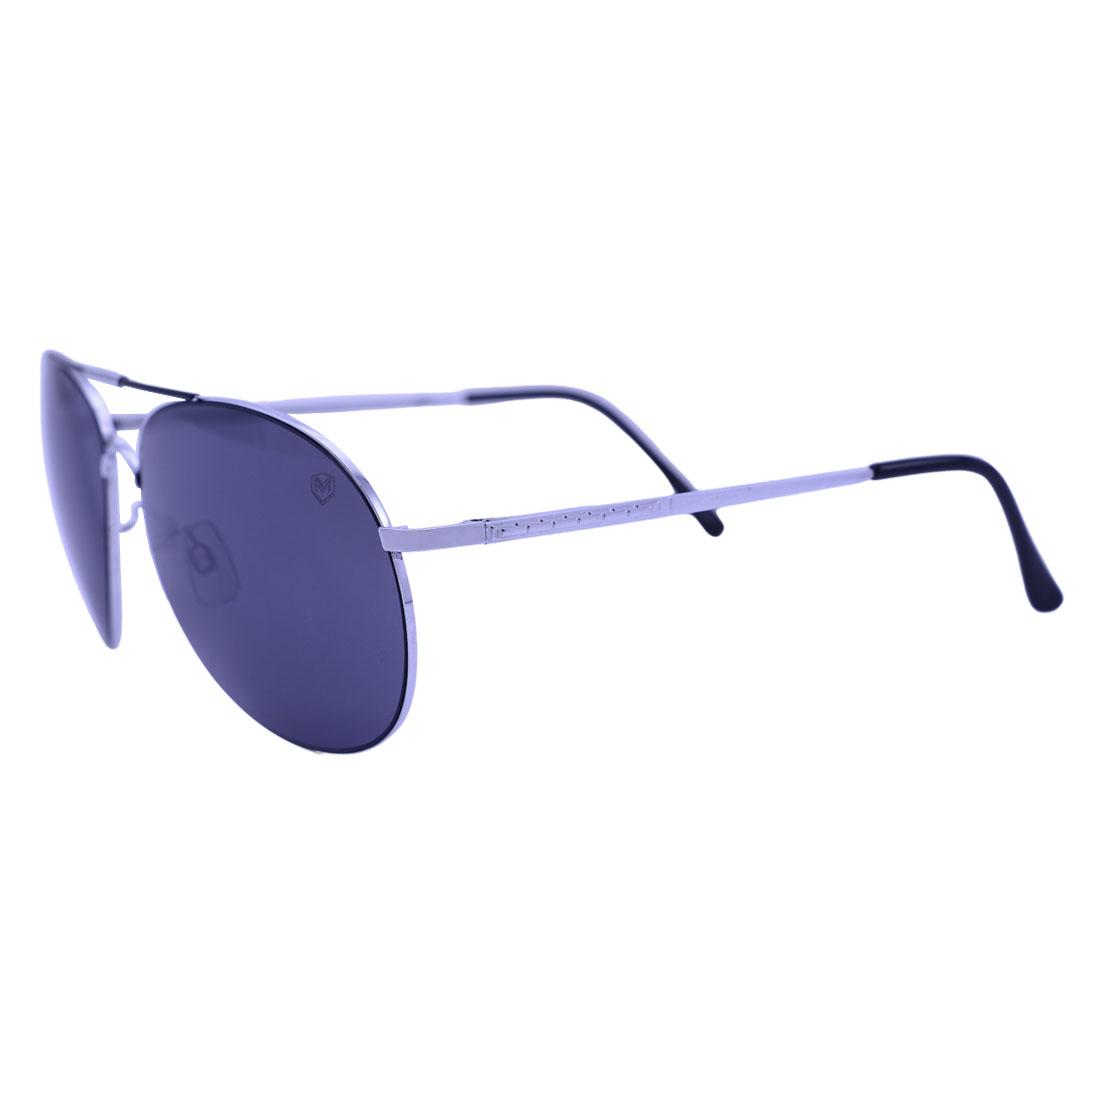 Óculos de Sol Mackage Unissex Metal Aviator - Prata